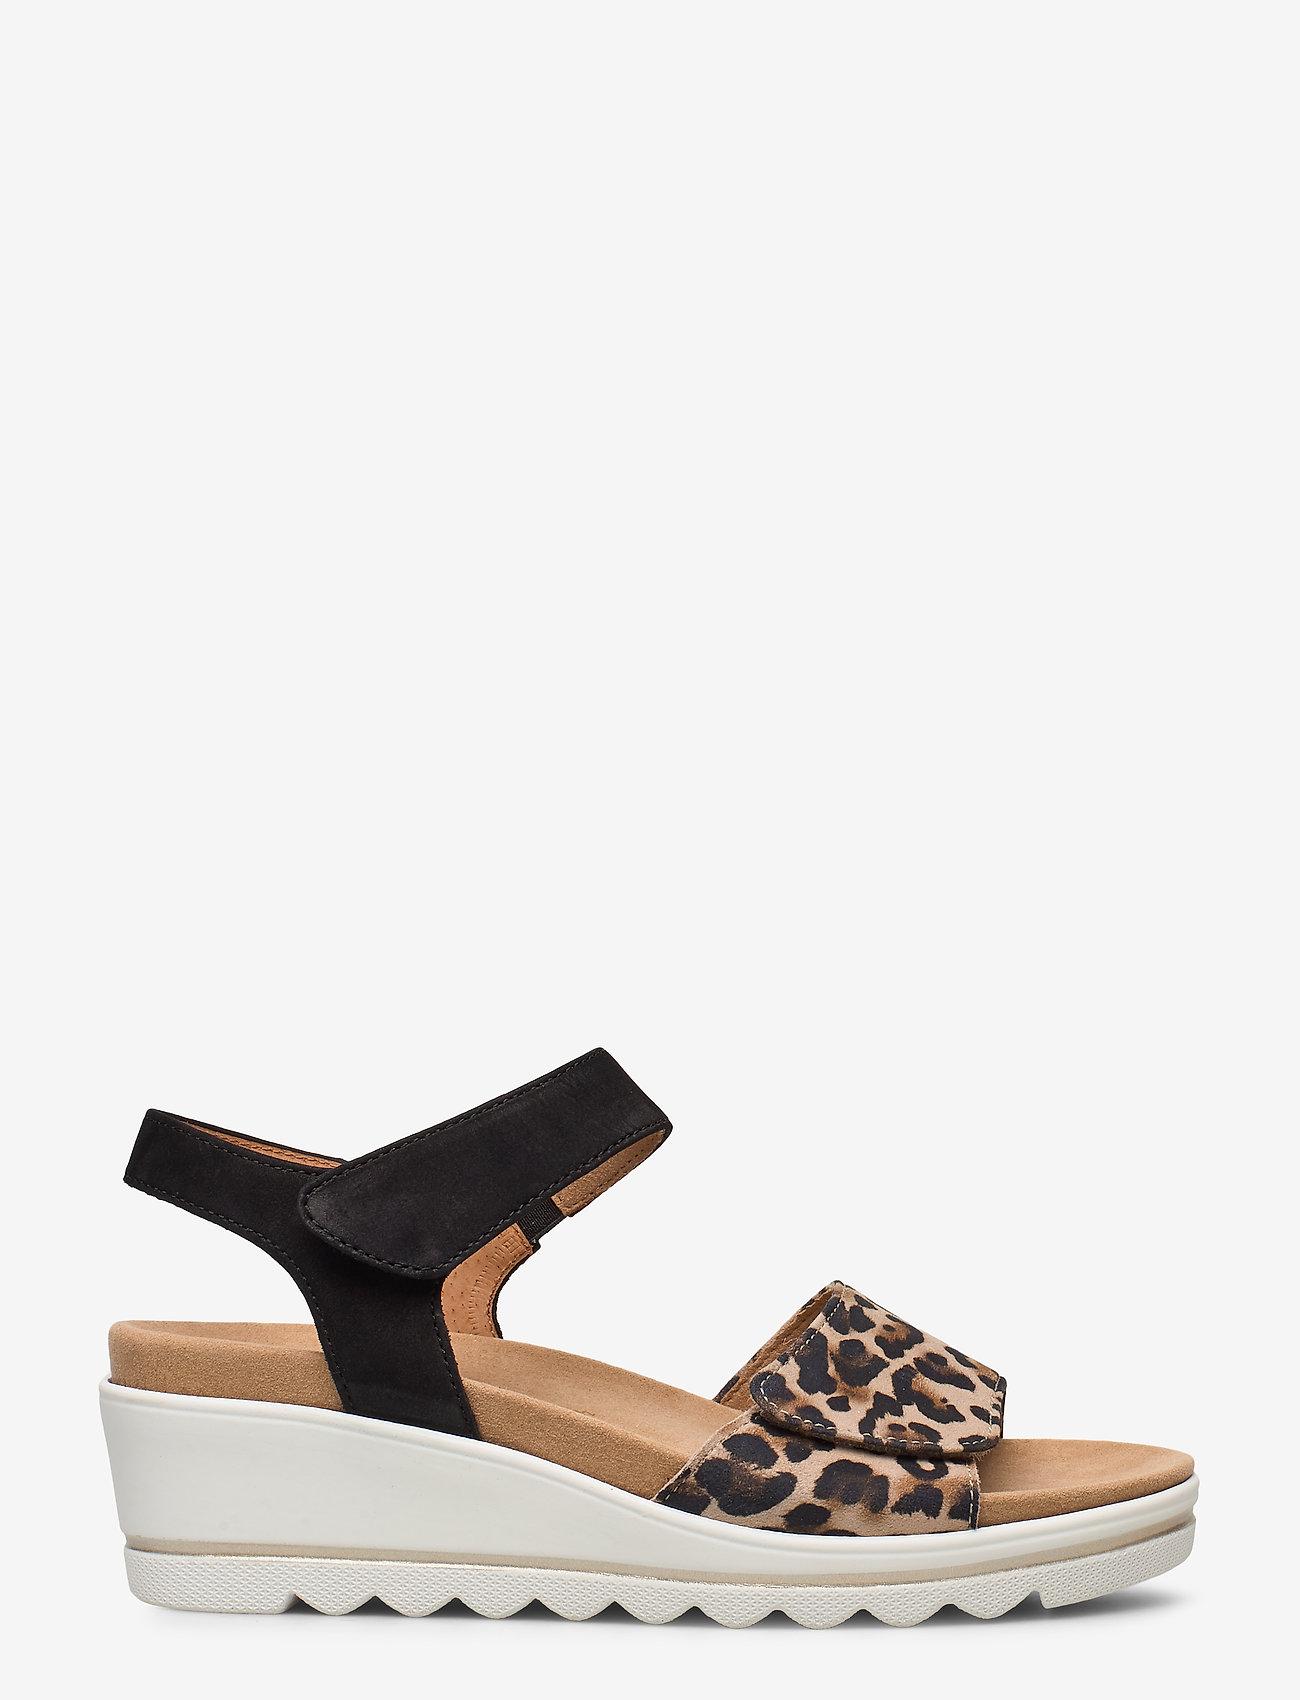 Sandals (Beige) (55 €) - Gabor